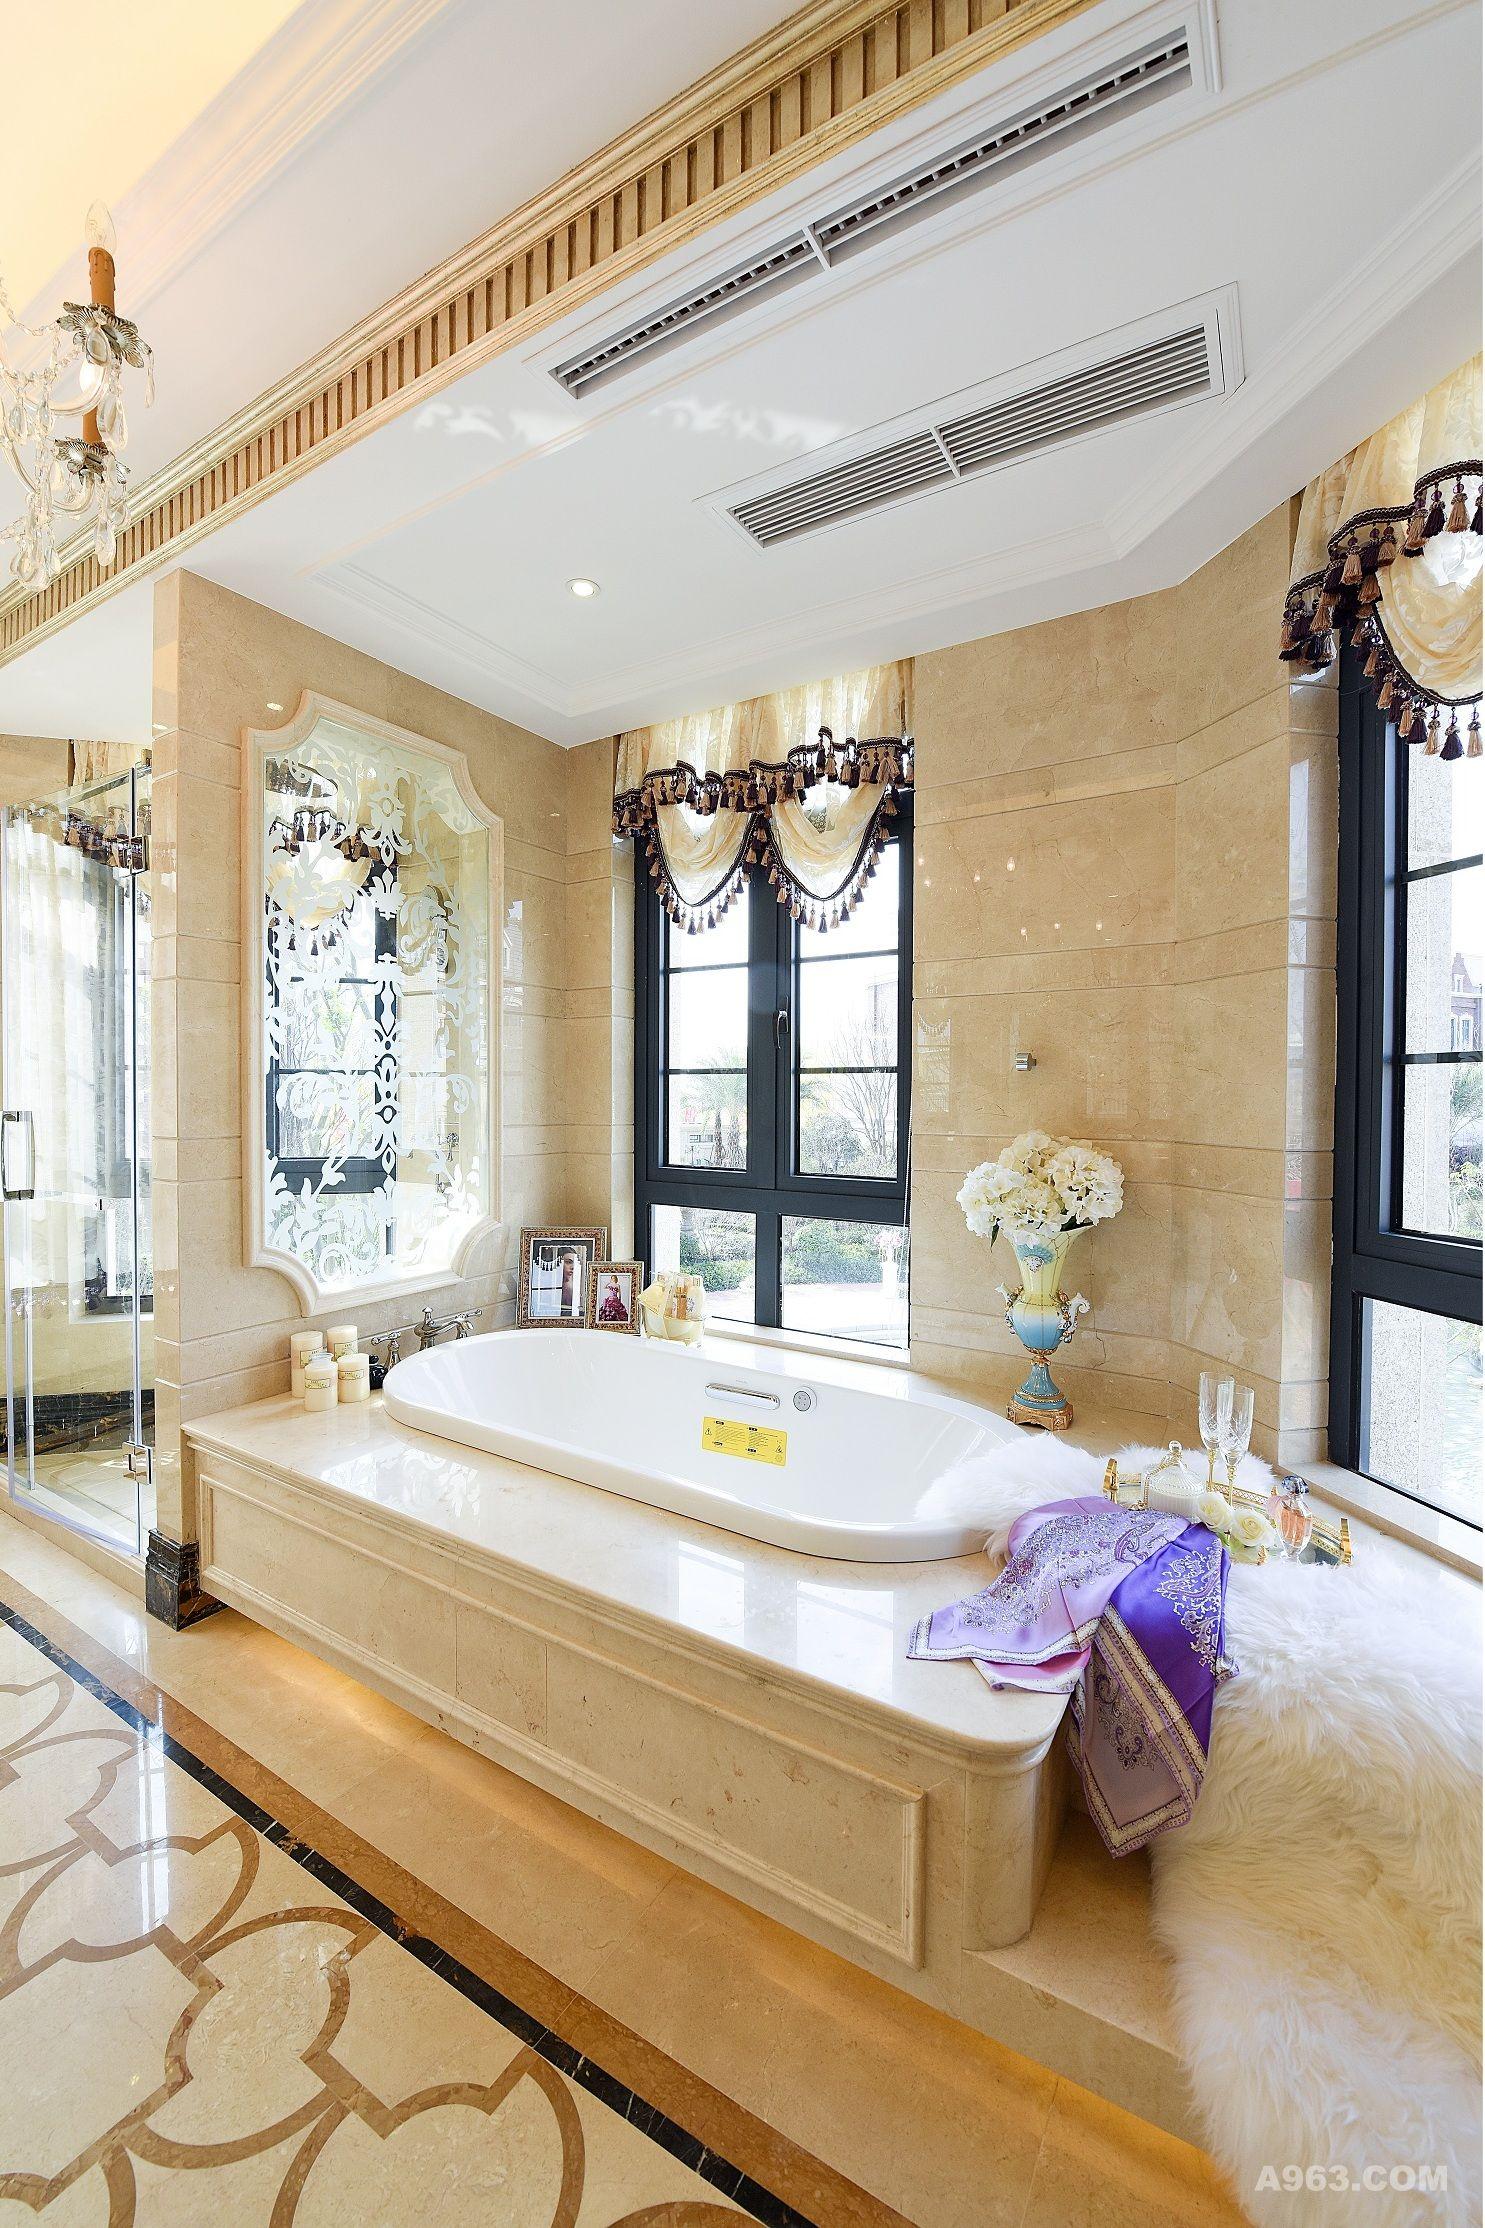 """""""新古典""""承载着新时代成功人士的贵族精神,整个空间以低调奢华的方式表现。空间蓝色,棕色和香槟金的搭配,是打造奢华的重要手法,棕色的大气稳重,加以香槟色的精致洗练。 让整个空间充满都市新贵的品位情结! 背几作为沙发的陪衬,是客厅里最休闲的角落,但就是这个方寸之地演绎着生活的喜怒哀乐,见证着春夏秋冬四季的冷暖变化,或繁花似锦,或热情奔放,或金黄绚烂,或千里冰封,都一一绽放着本来的美好。"""